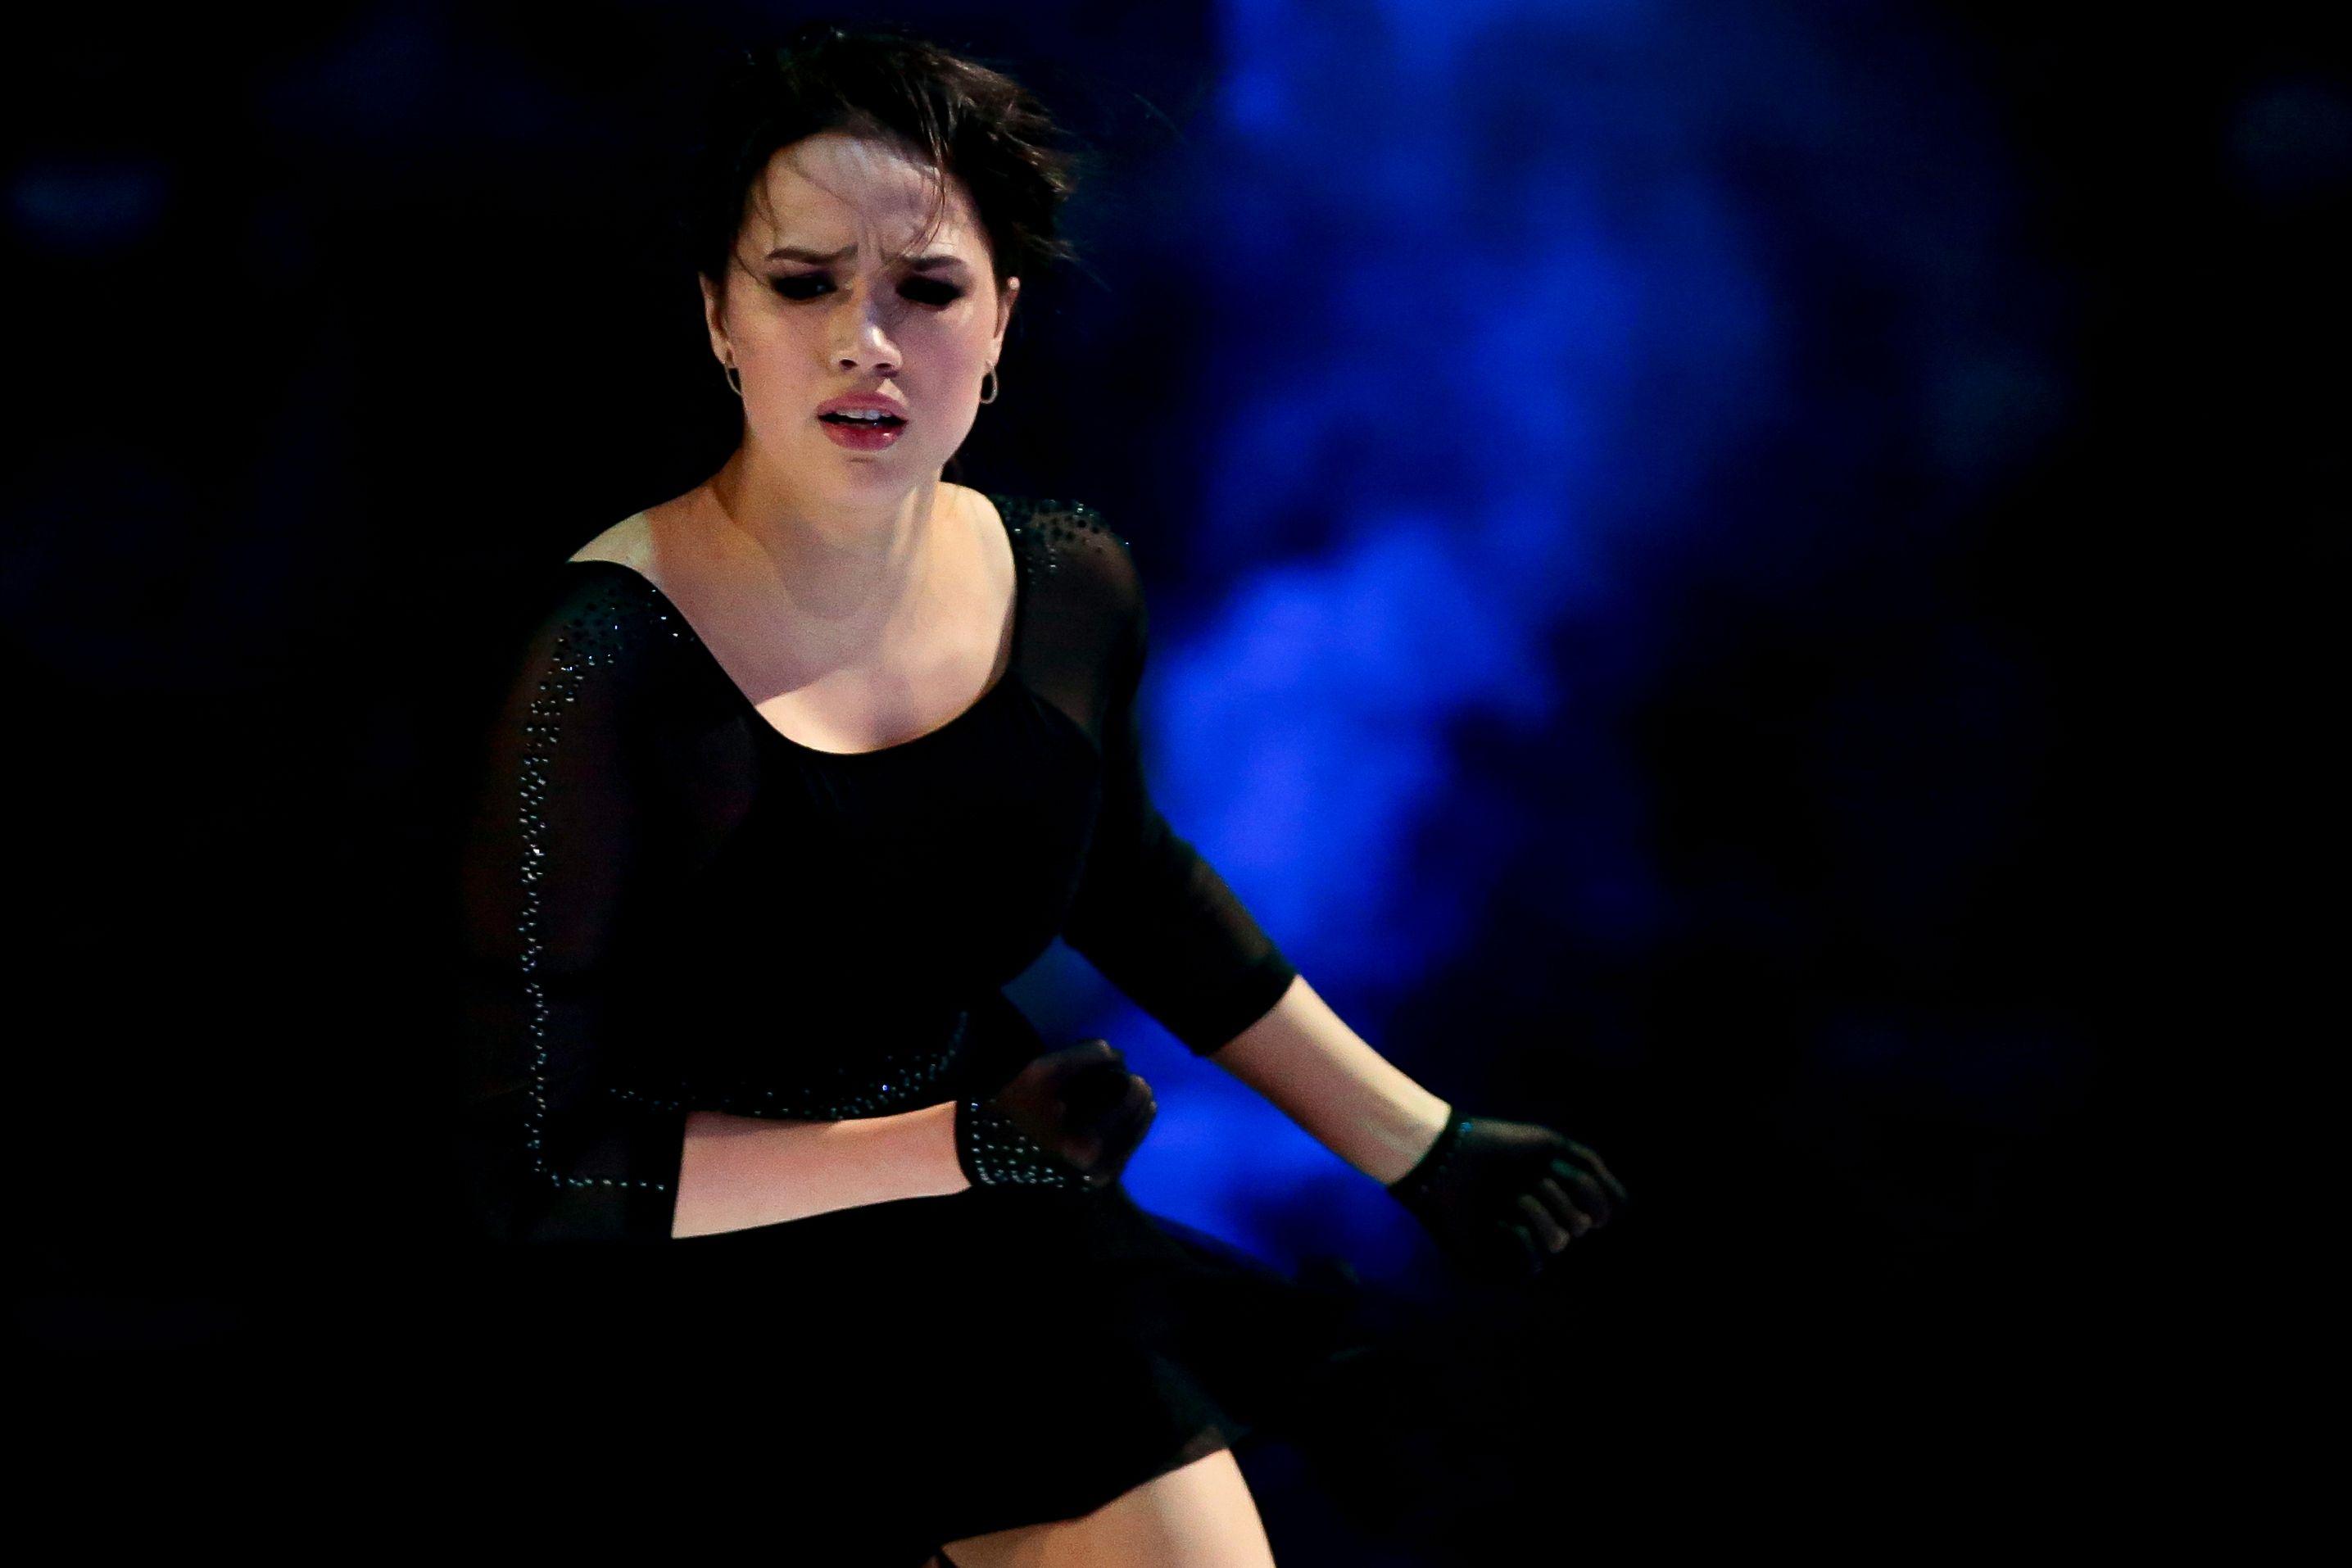 Загитова совершила три падения во время шоу 'Чемпионы на льду'. ФОТО